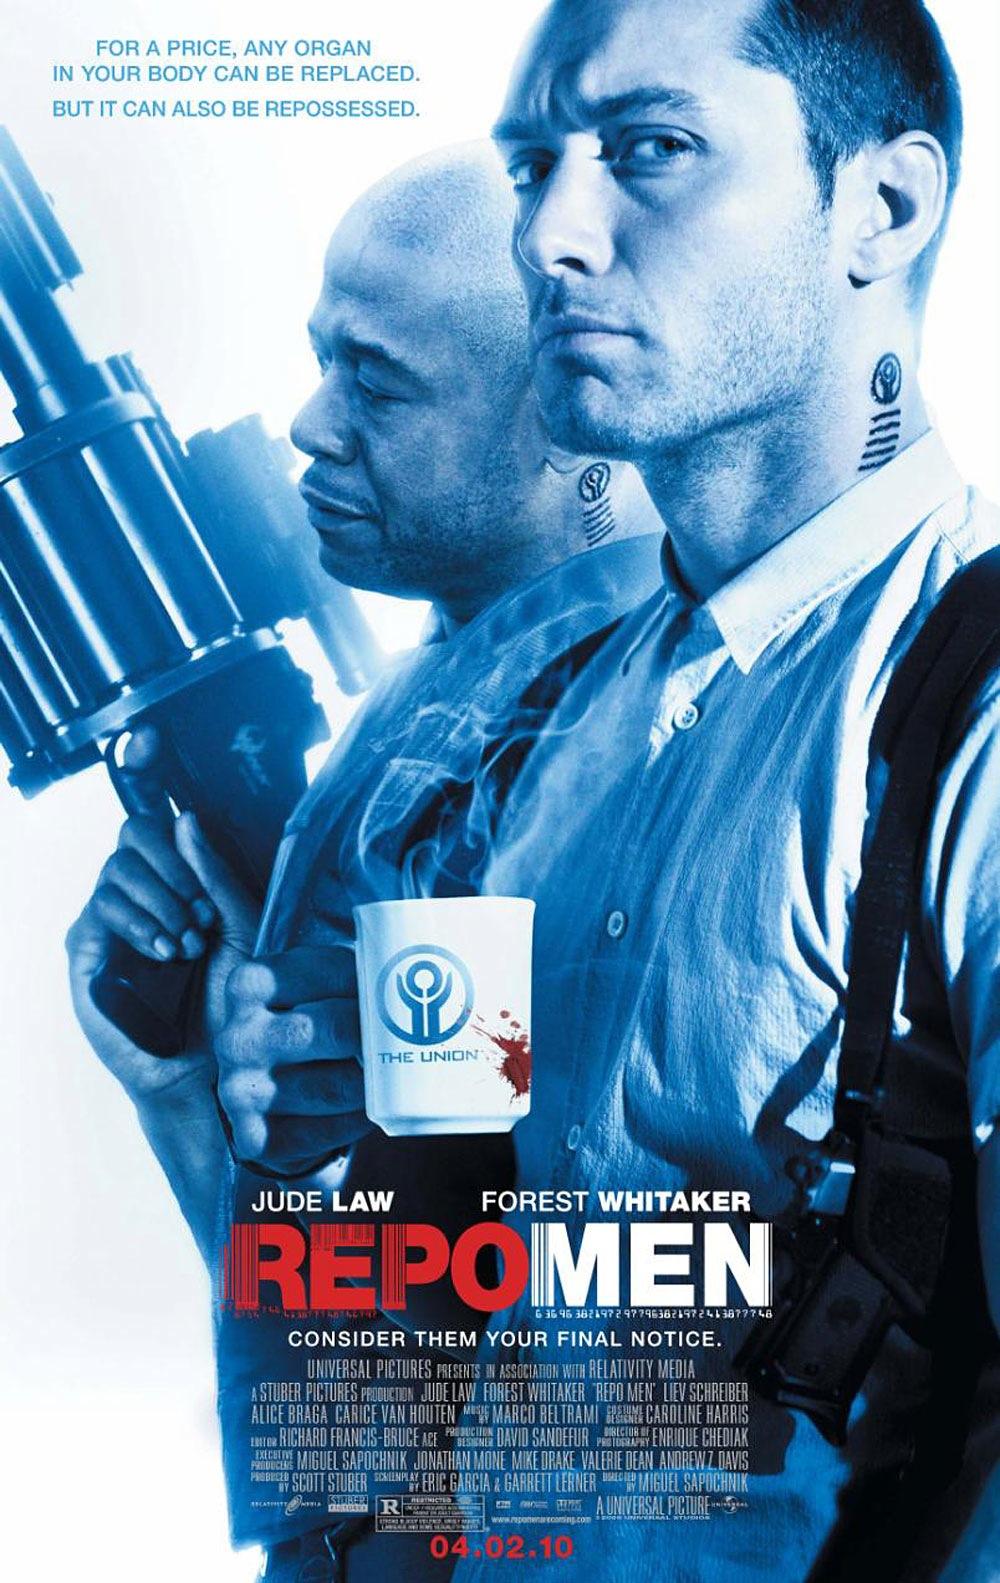 http://4.bp.blogspot.com/_bD6ivc-fctk/TDmO_XdrZbI/AAAAAAAAM2s/PCqlr5wMcZw/s1600/Repo+Men+%282010%29.jpg